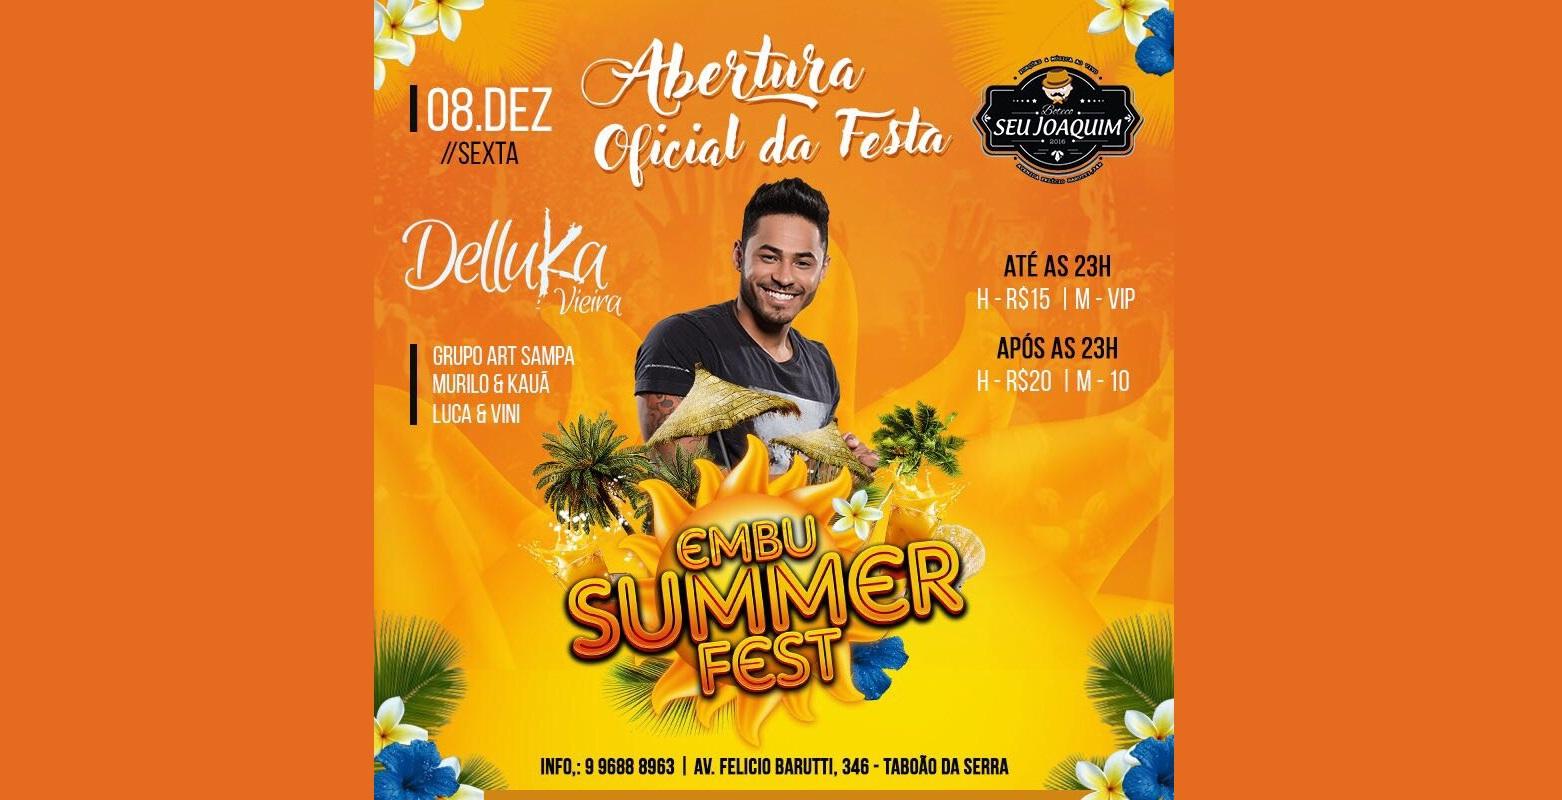 Festa de Abertura do Embu Summer Fest acontece sábado em Taboão da Serra 41